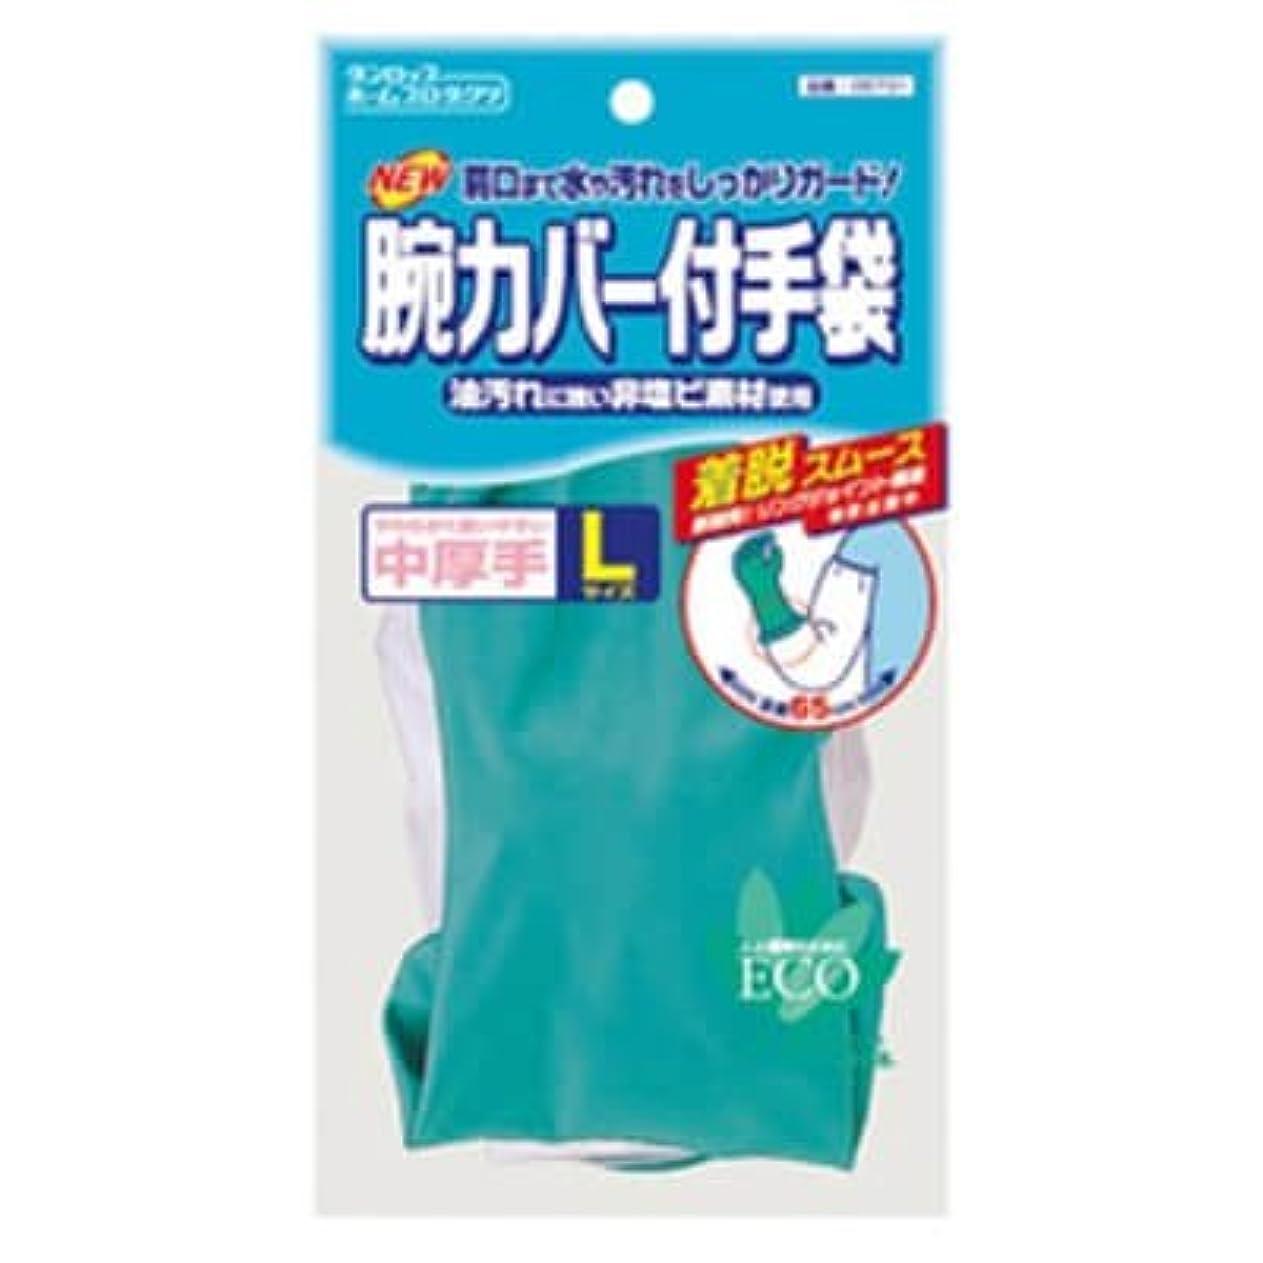 侵略狂ったグレー【ケース販売】 ダンロップ ニトリル中厚手 腕カバー付手袋 L グリーン (5双×12袋)